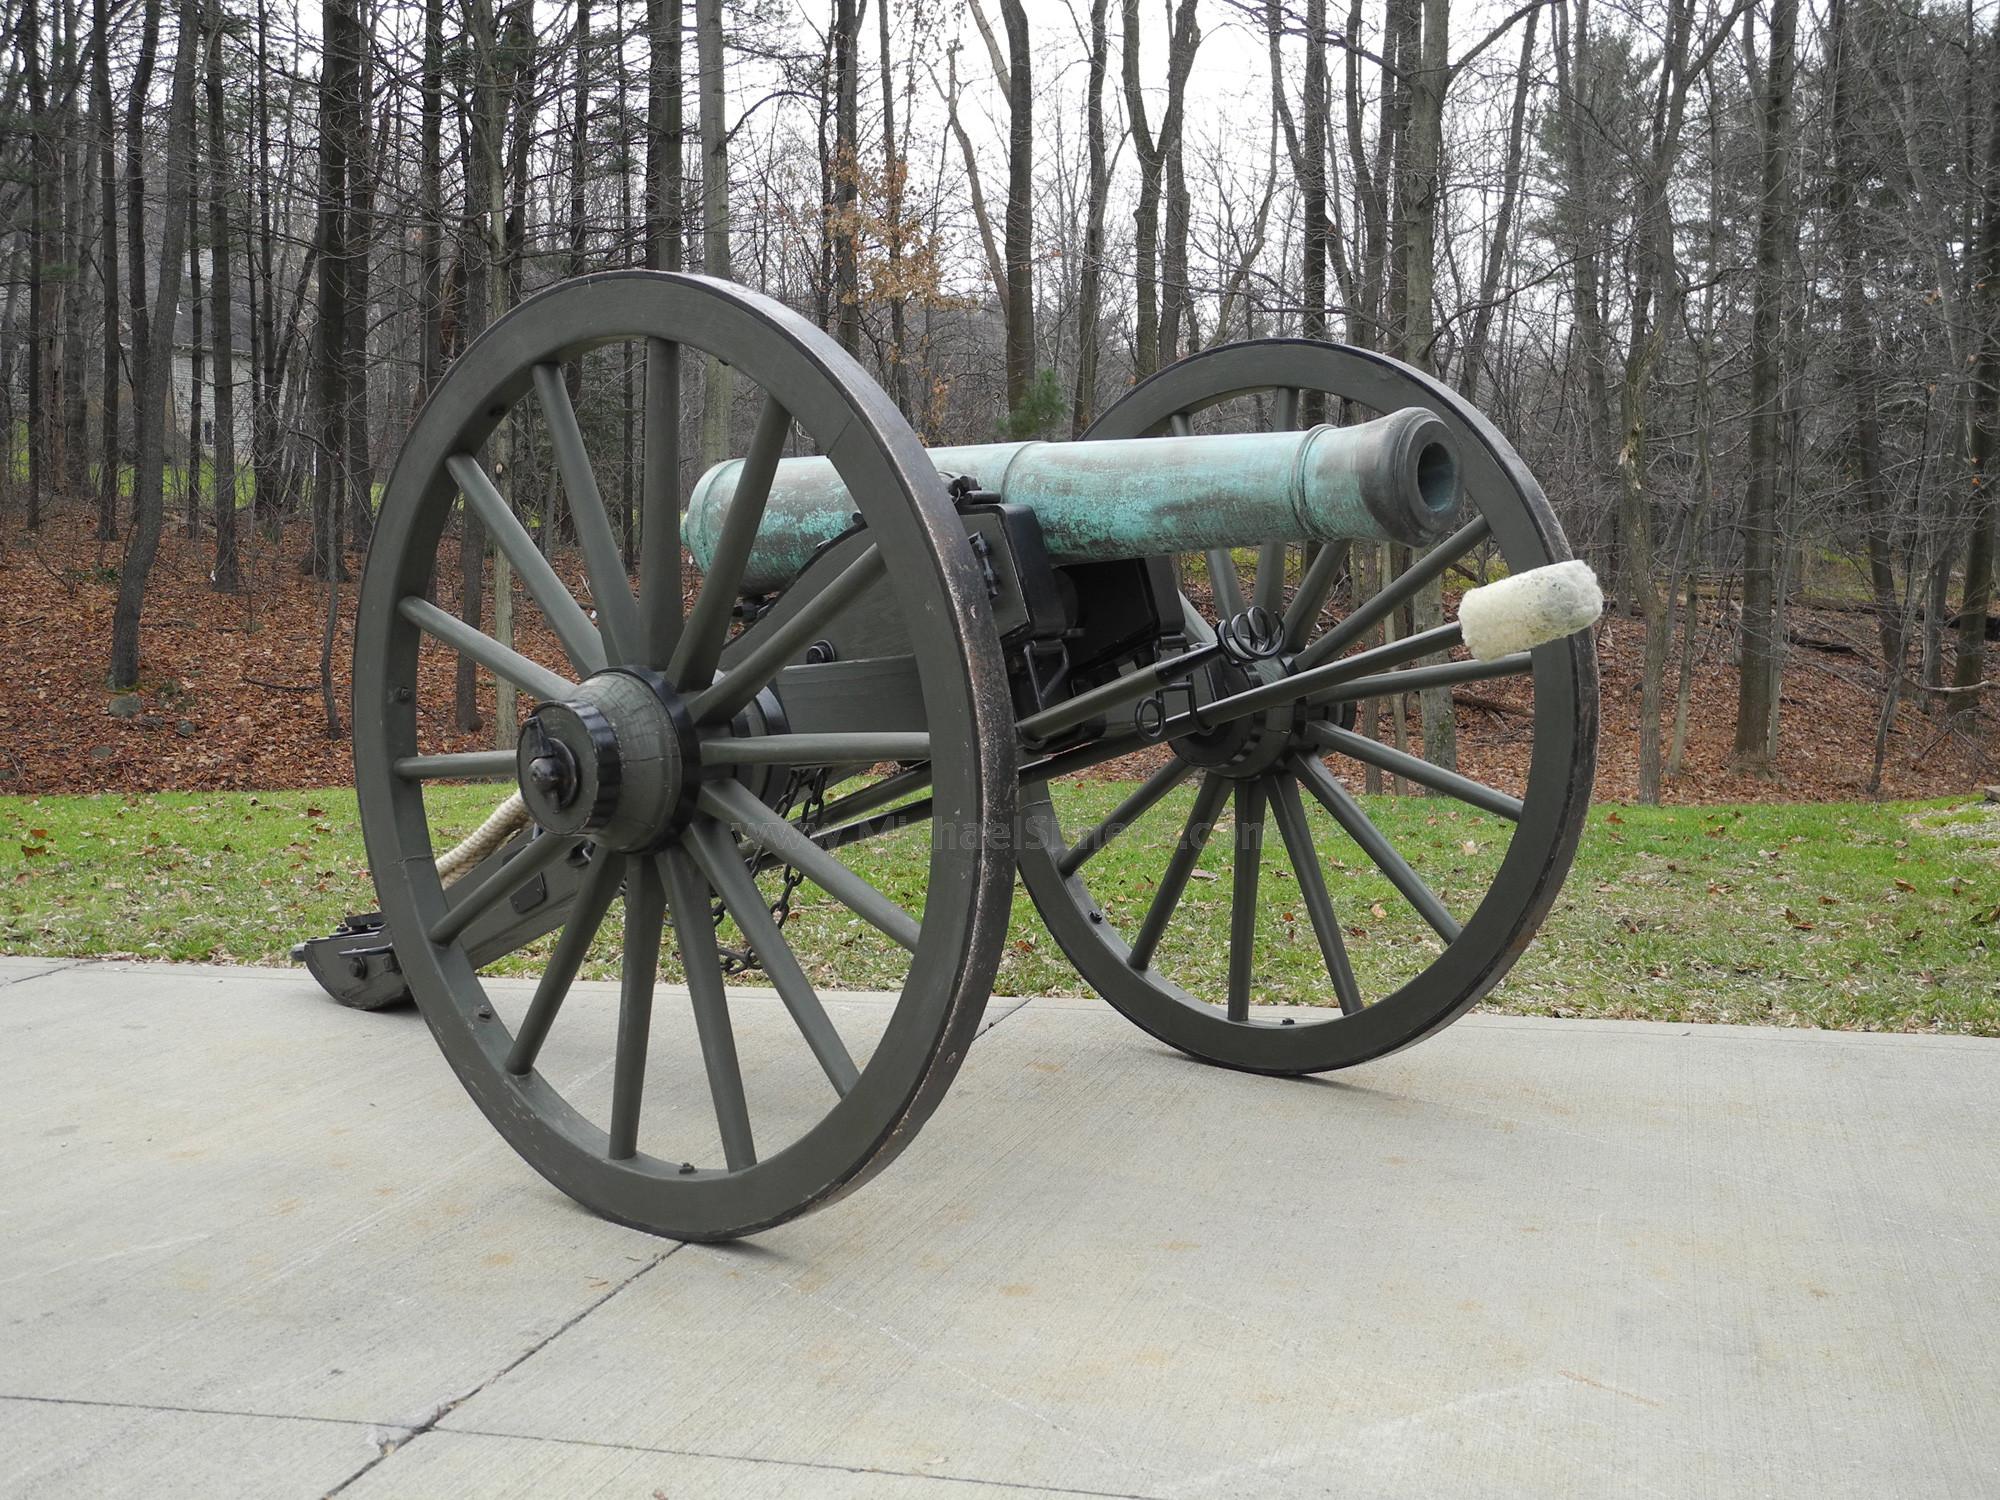 AMES 6-POUNDER BRONZE CANNON - CIVIL WAR GUN